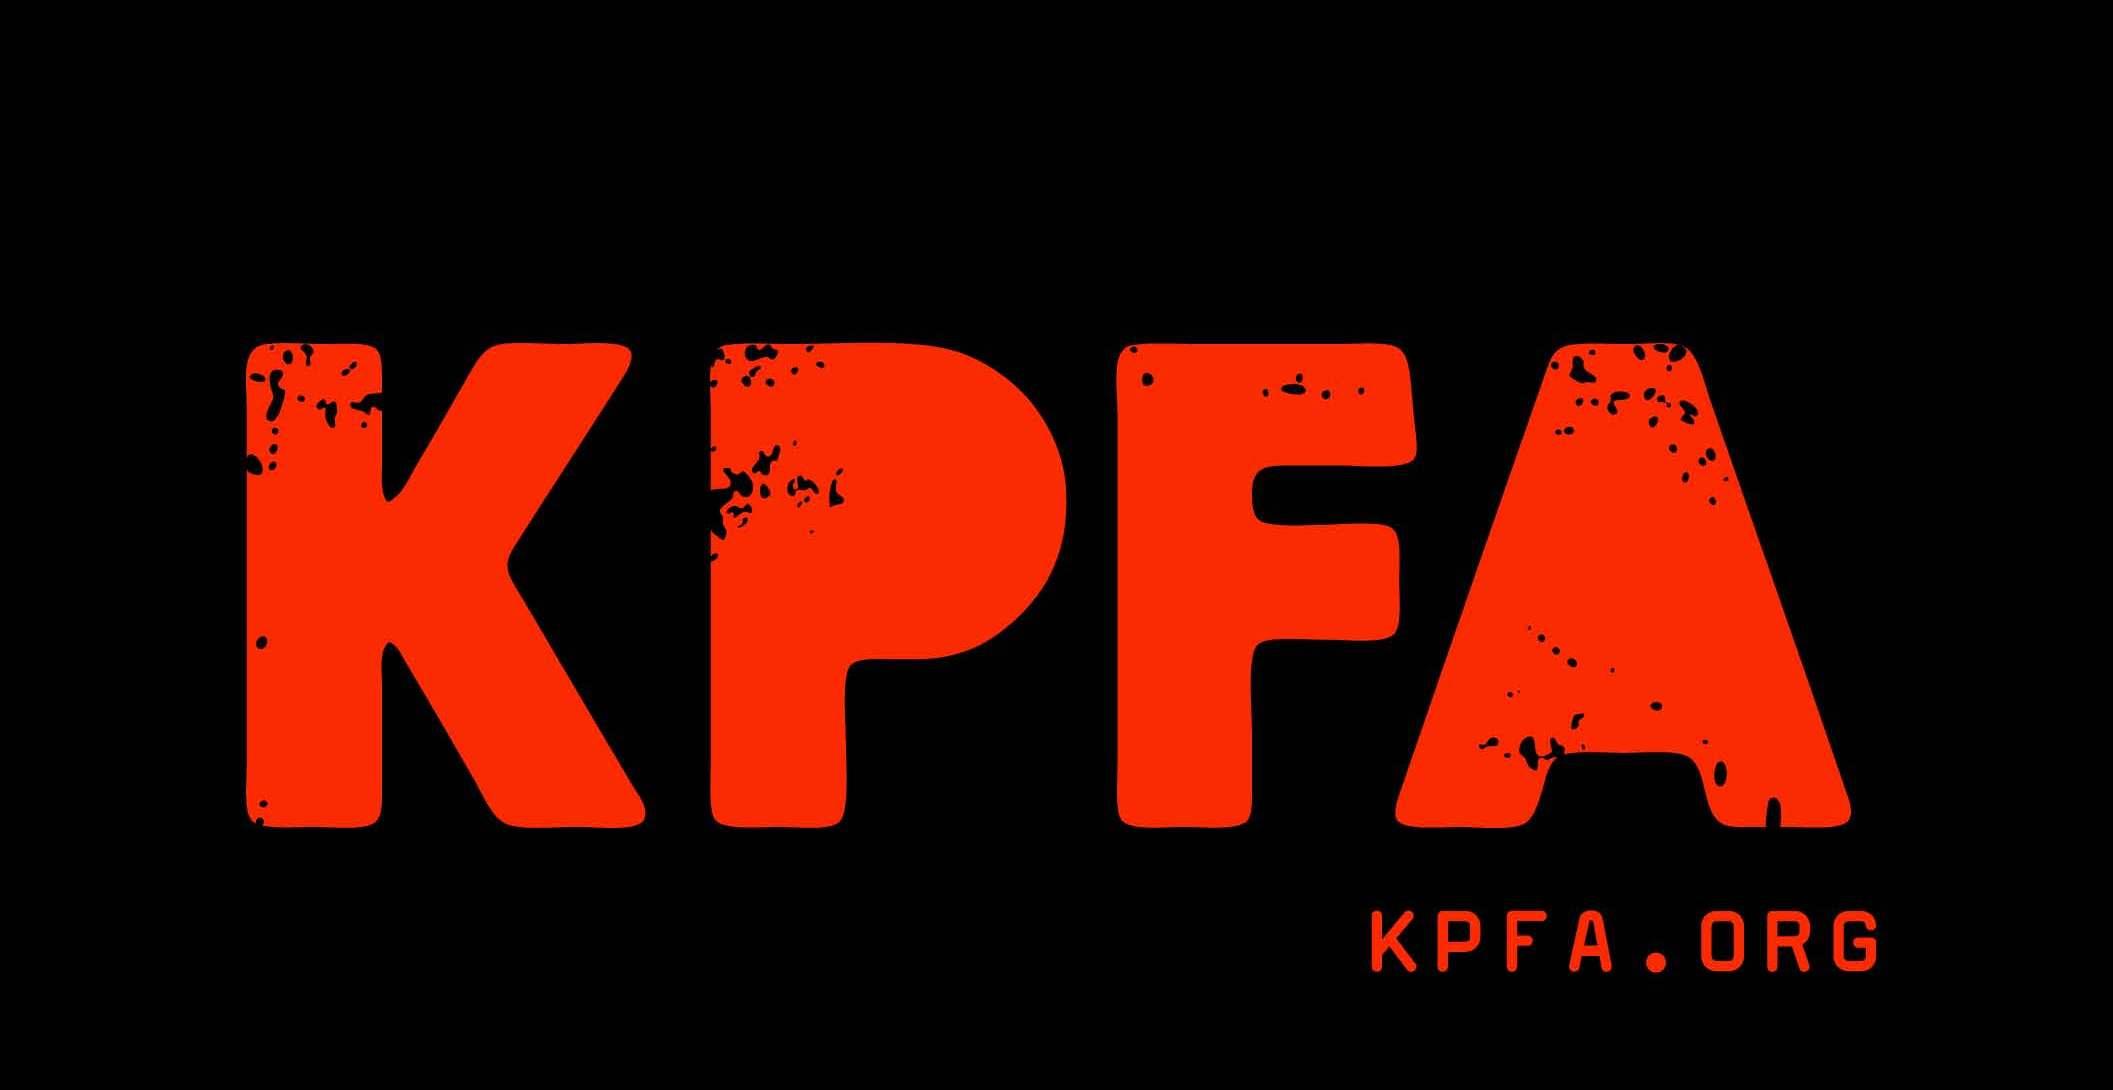 KPFA_3_Cropped.jpg